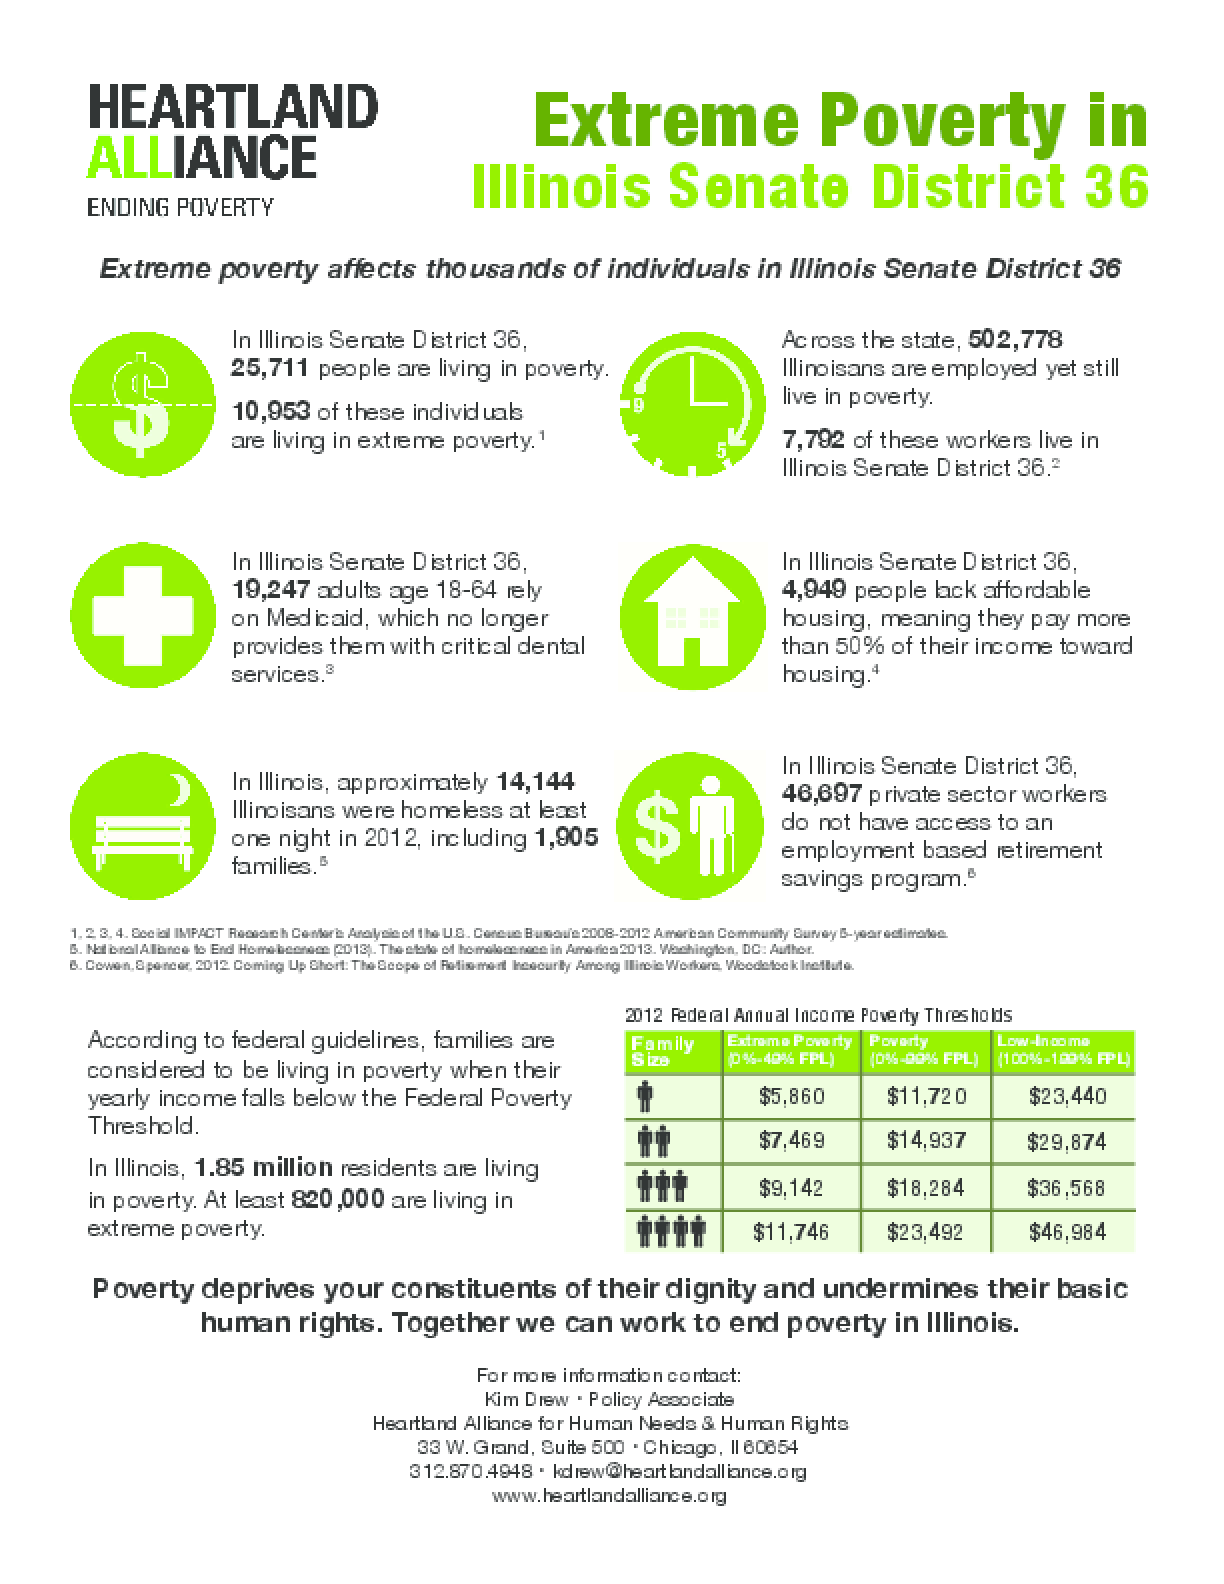 Poverty Fact Sheet for Illinois Senate District 36